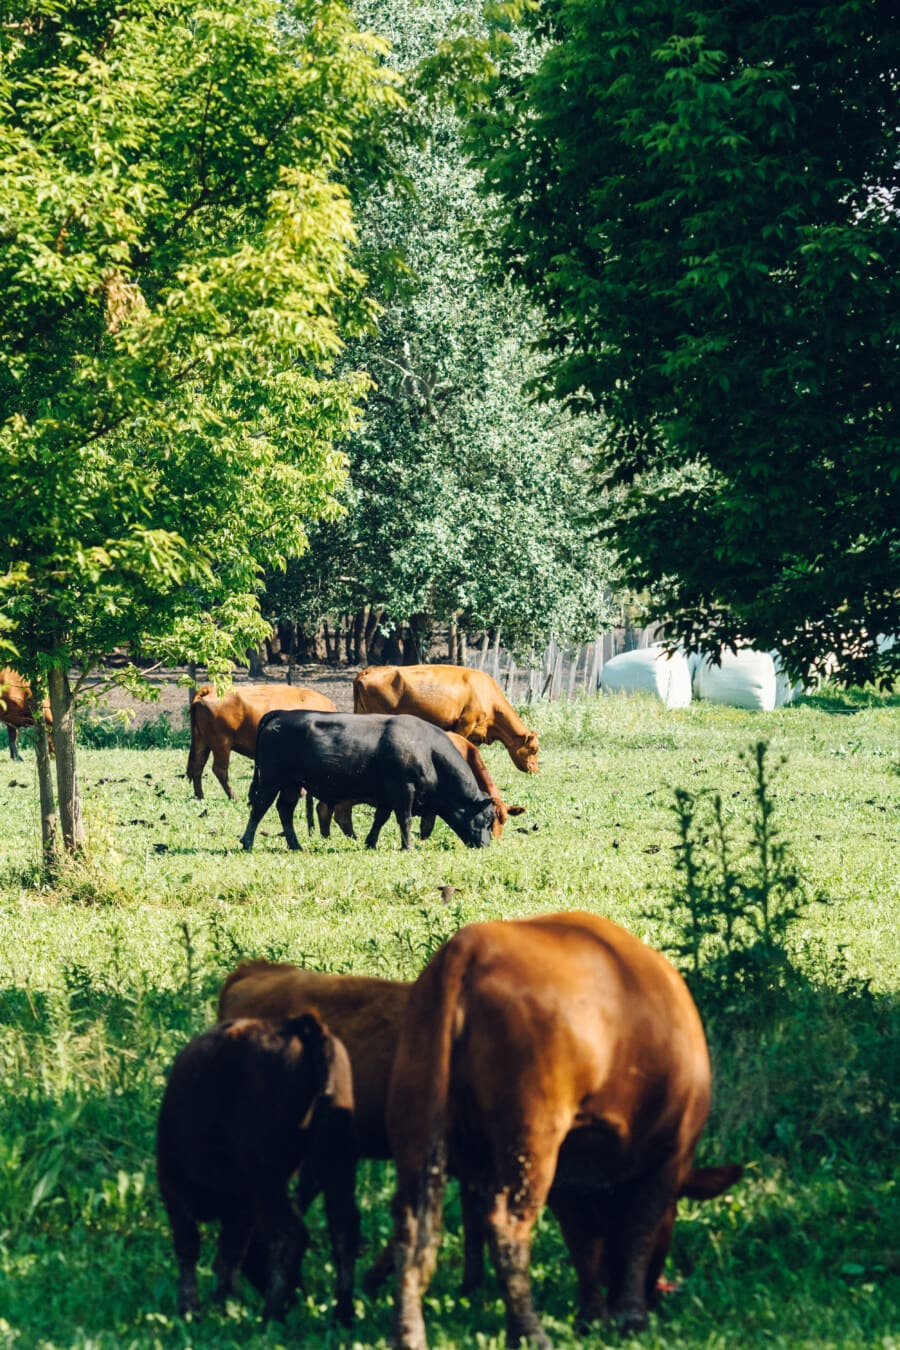 Vieh, Kühe, Rinder, Schwarz, Bull, Ranch, Feld, des ländlichen Raums, Bauernhof, Kuh